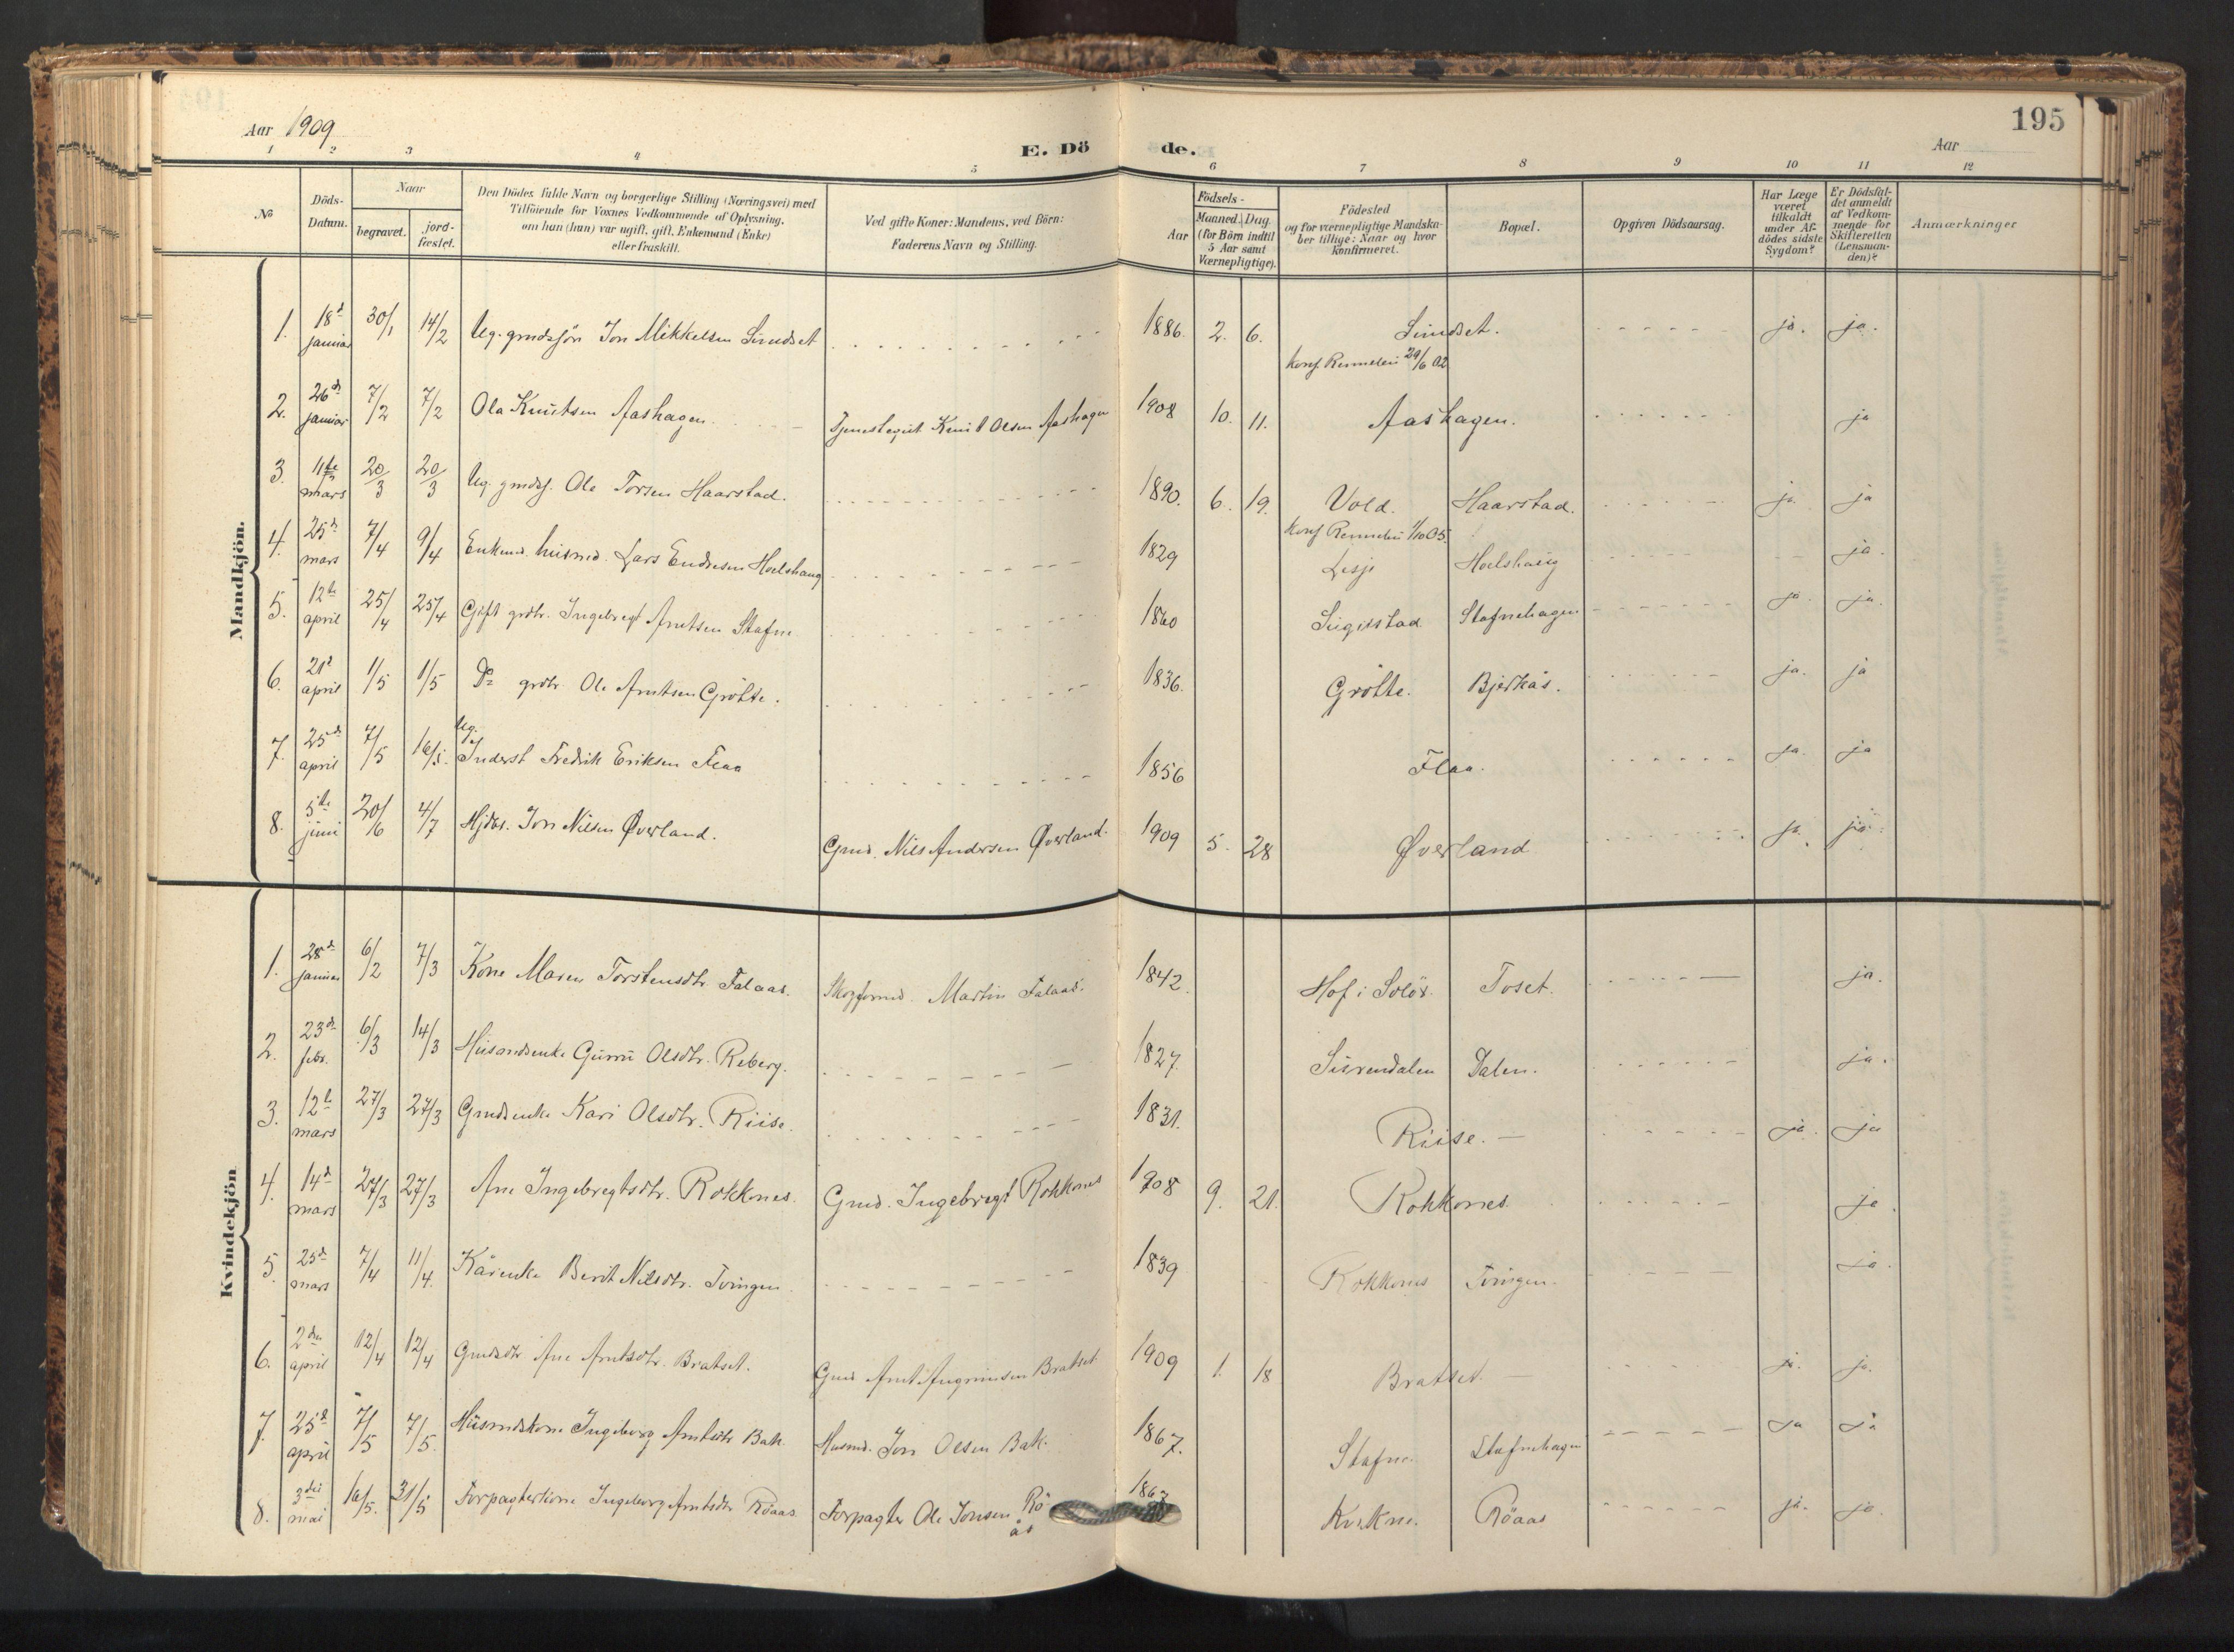 SAT, Ministerialprotokoller, klokkerbøker og fødselsregistre - Sør-Trøndelag, 674/L0873: Ministerialbok nr. 674A05, 1908-1923, s. 195